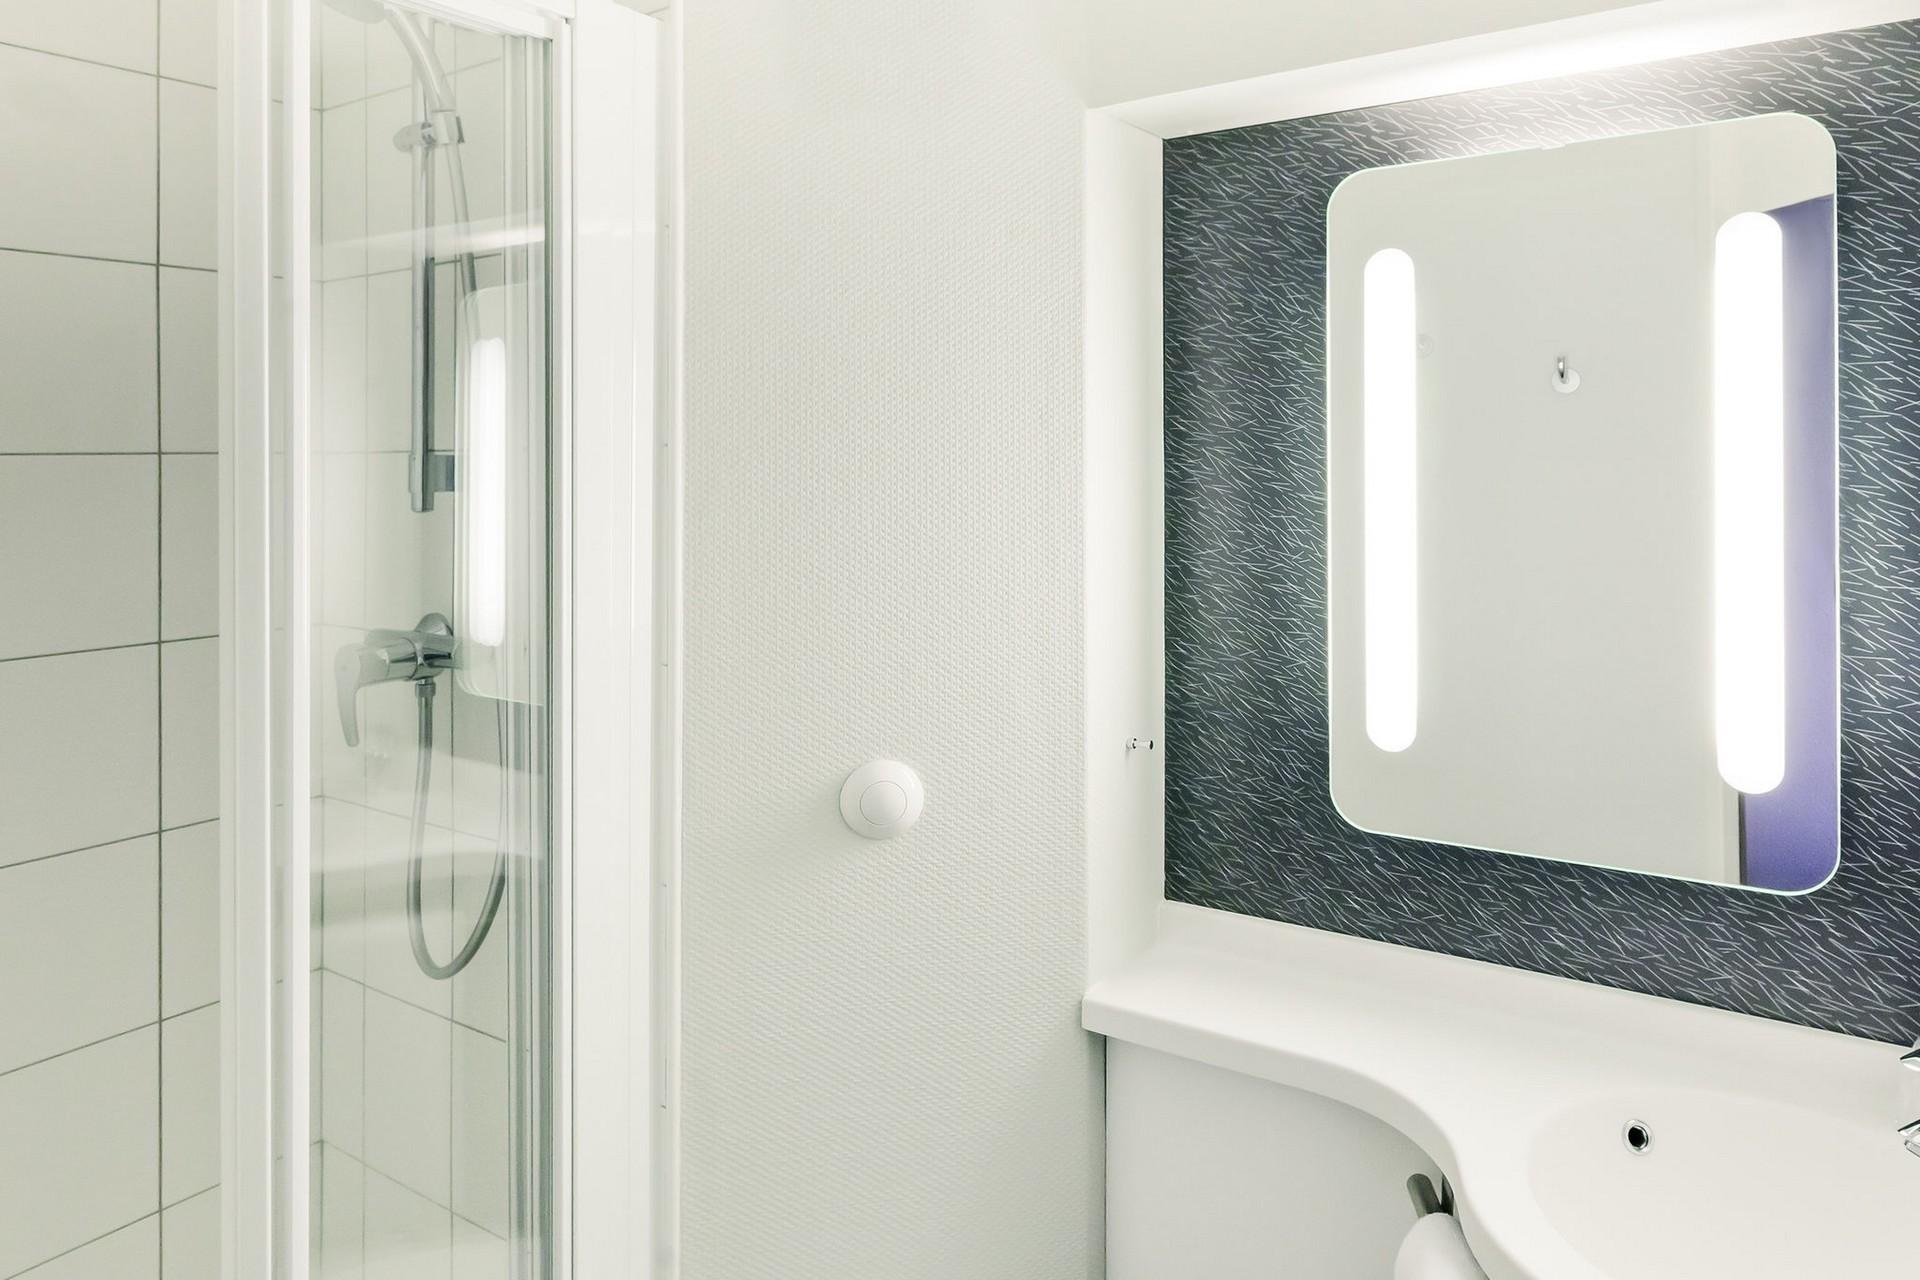 Salle de bain douche moderne et pratique